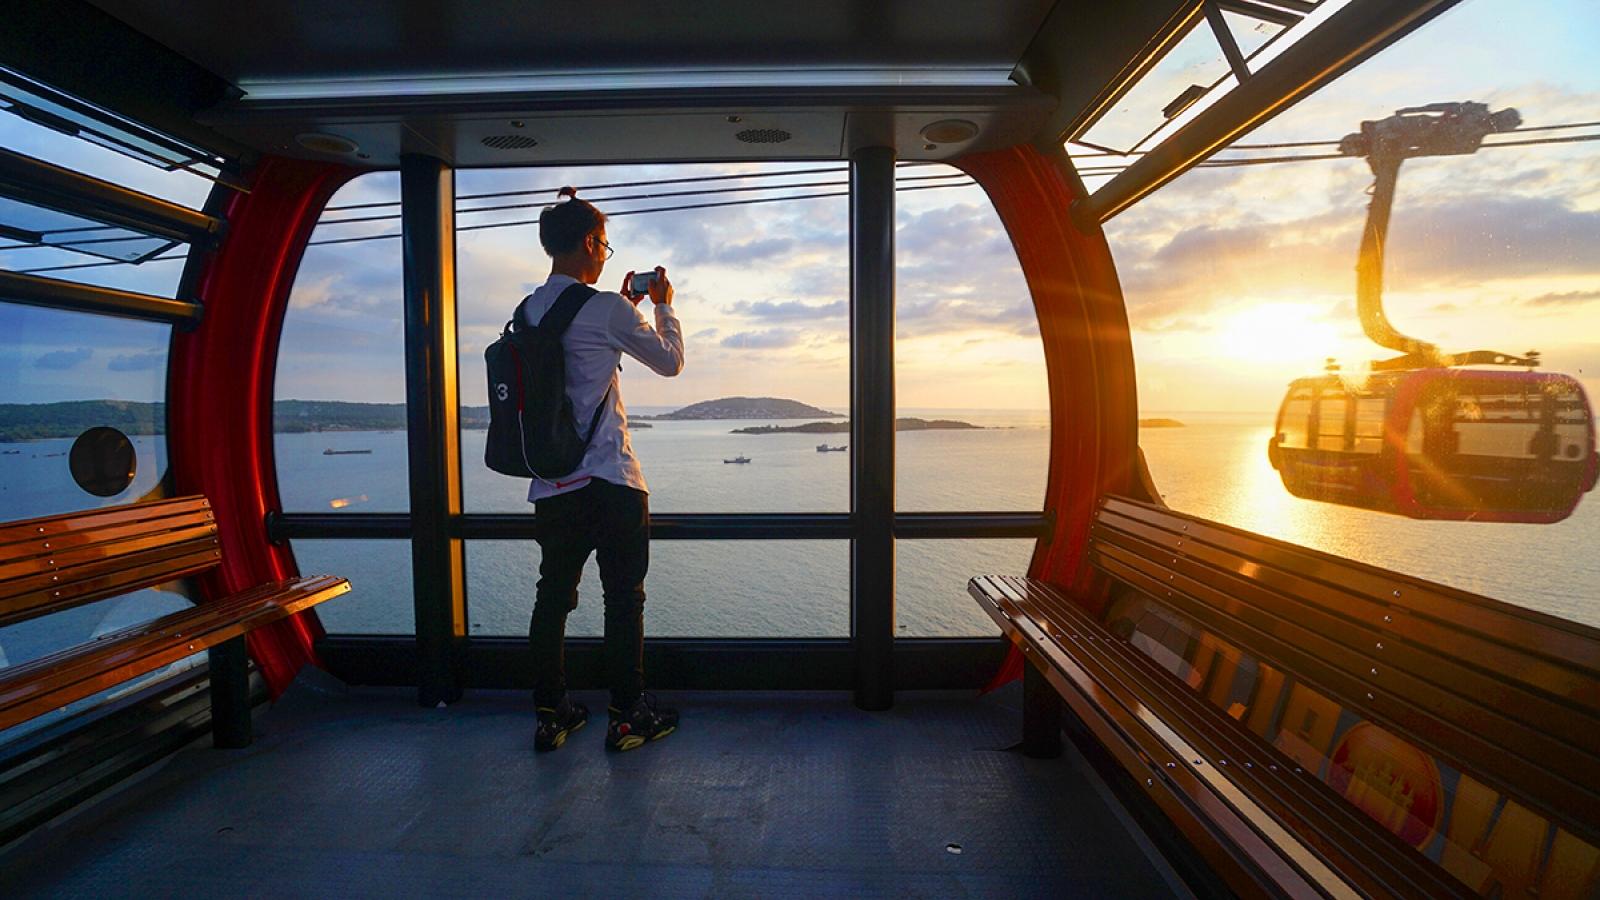 Khách sạn, hàng không cam kết đảm bảo an toàn cho du khách